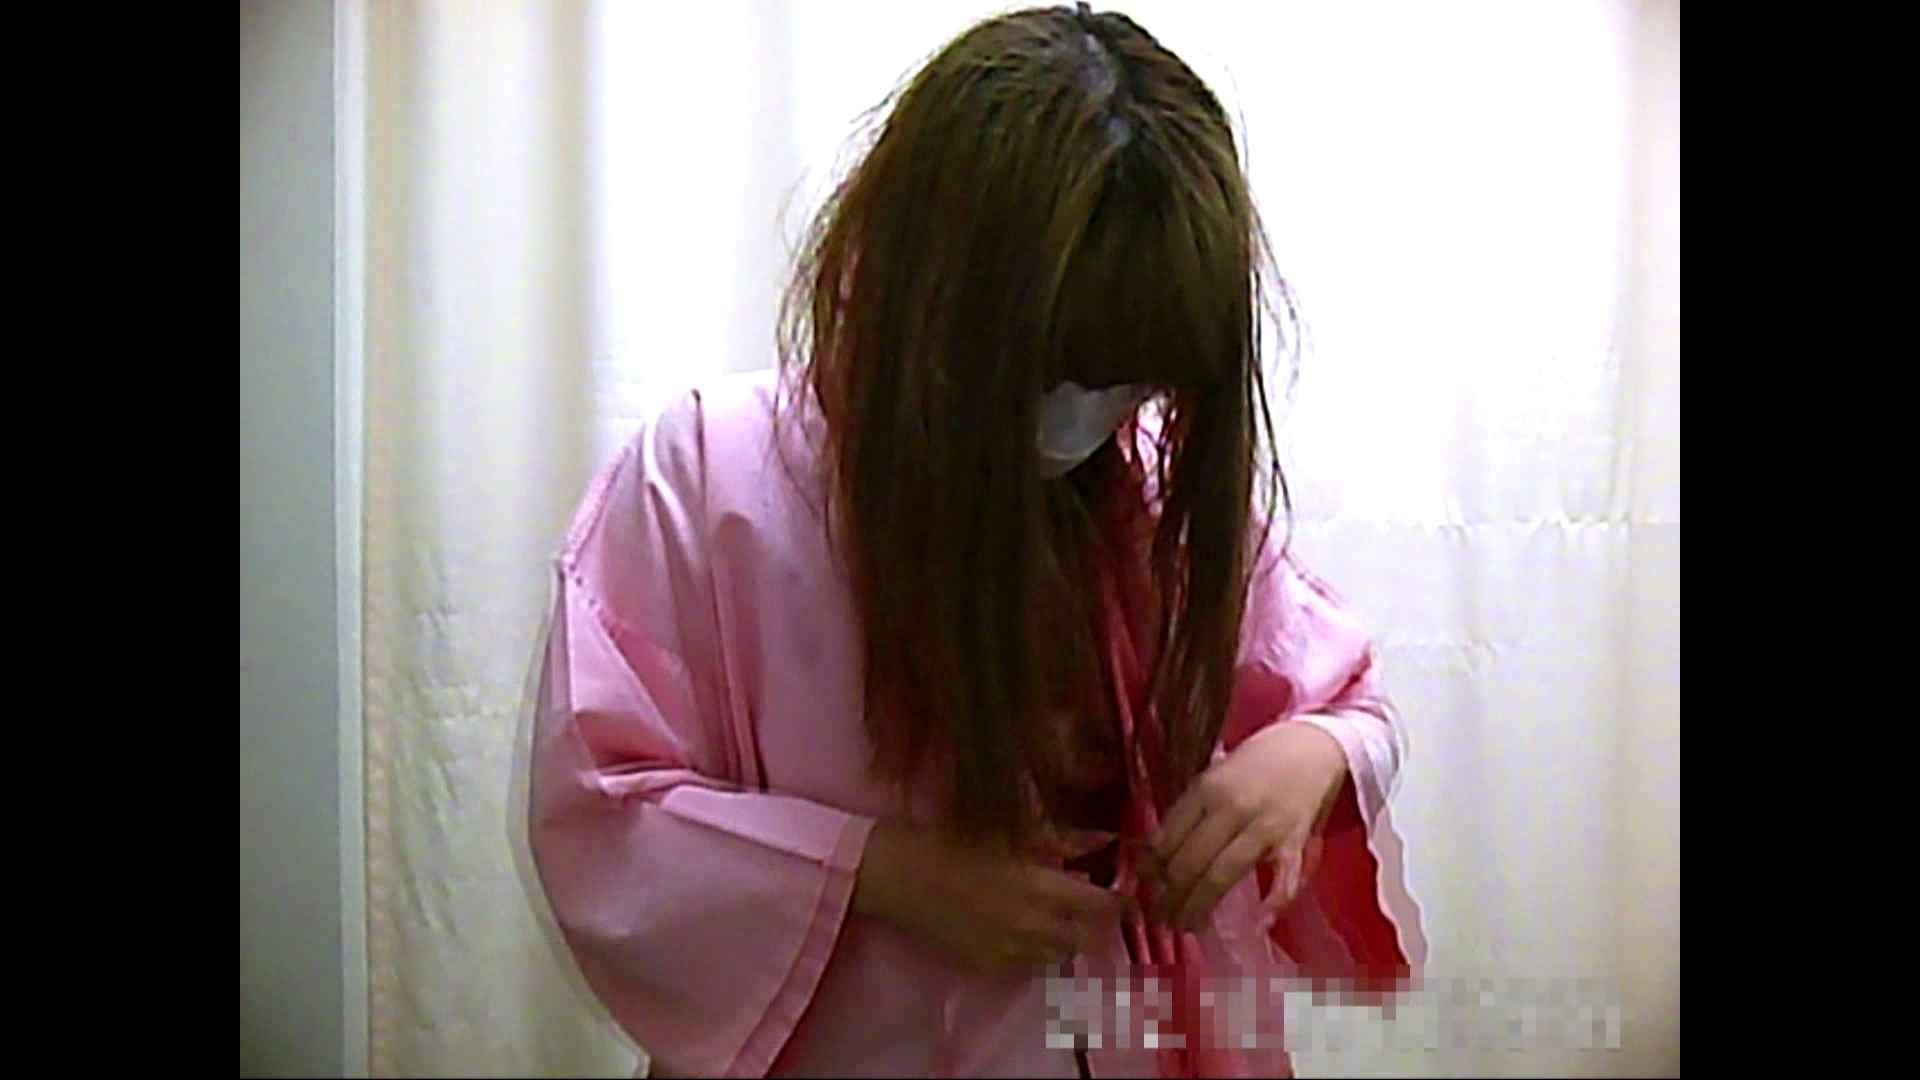 元医者による反抗 更衣室地獄絵巻 vol.057 お姉さん  112PIX 52